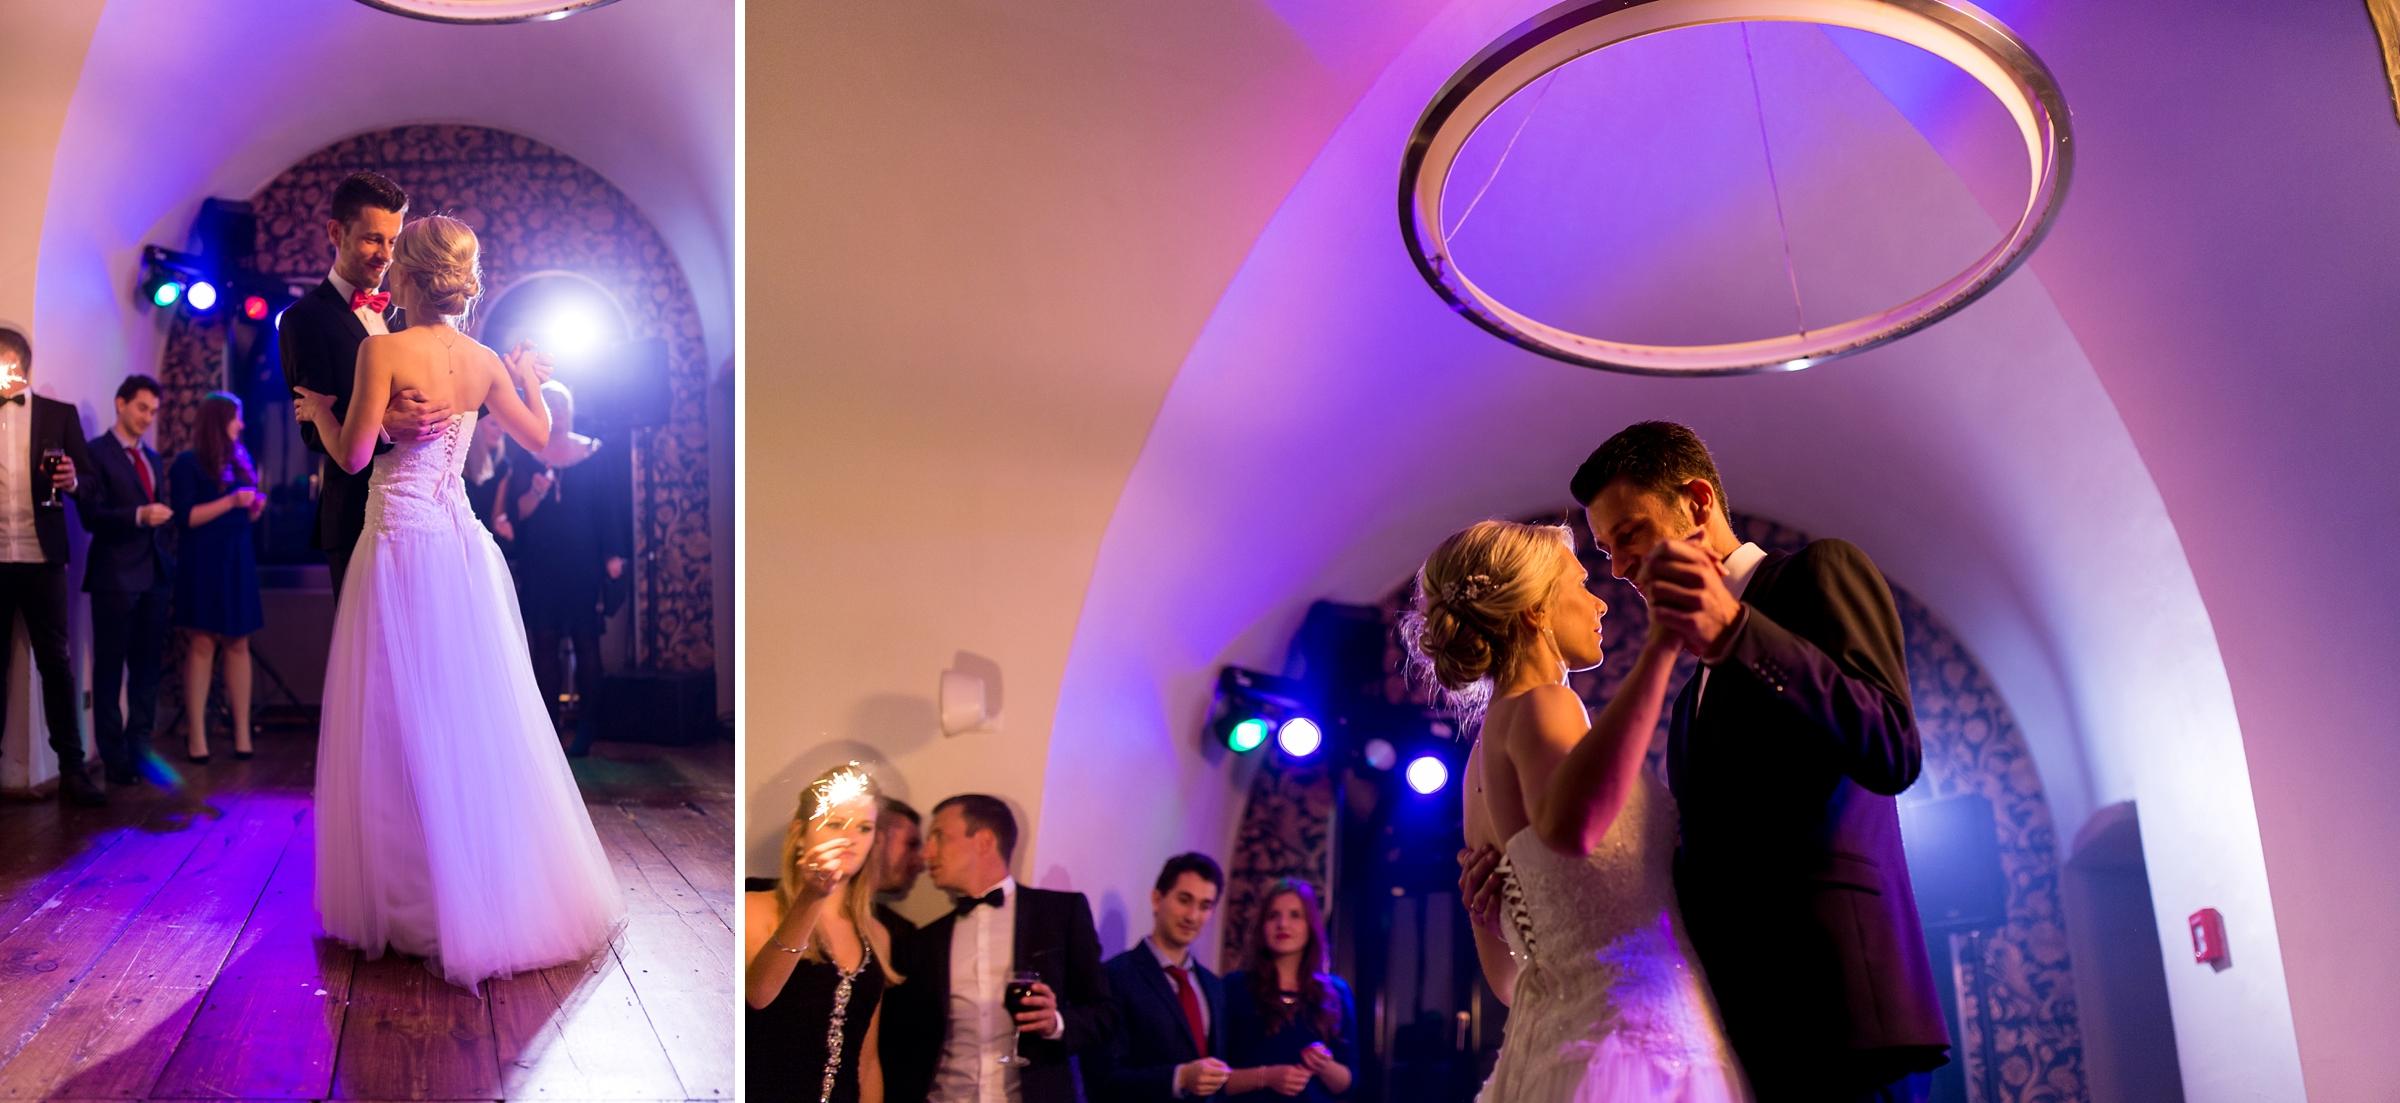 Hochzeitsfotograf-Mainz-Hyatt-Hochzeitstanz-Brautpaar